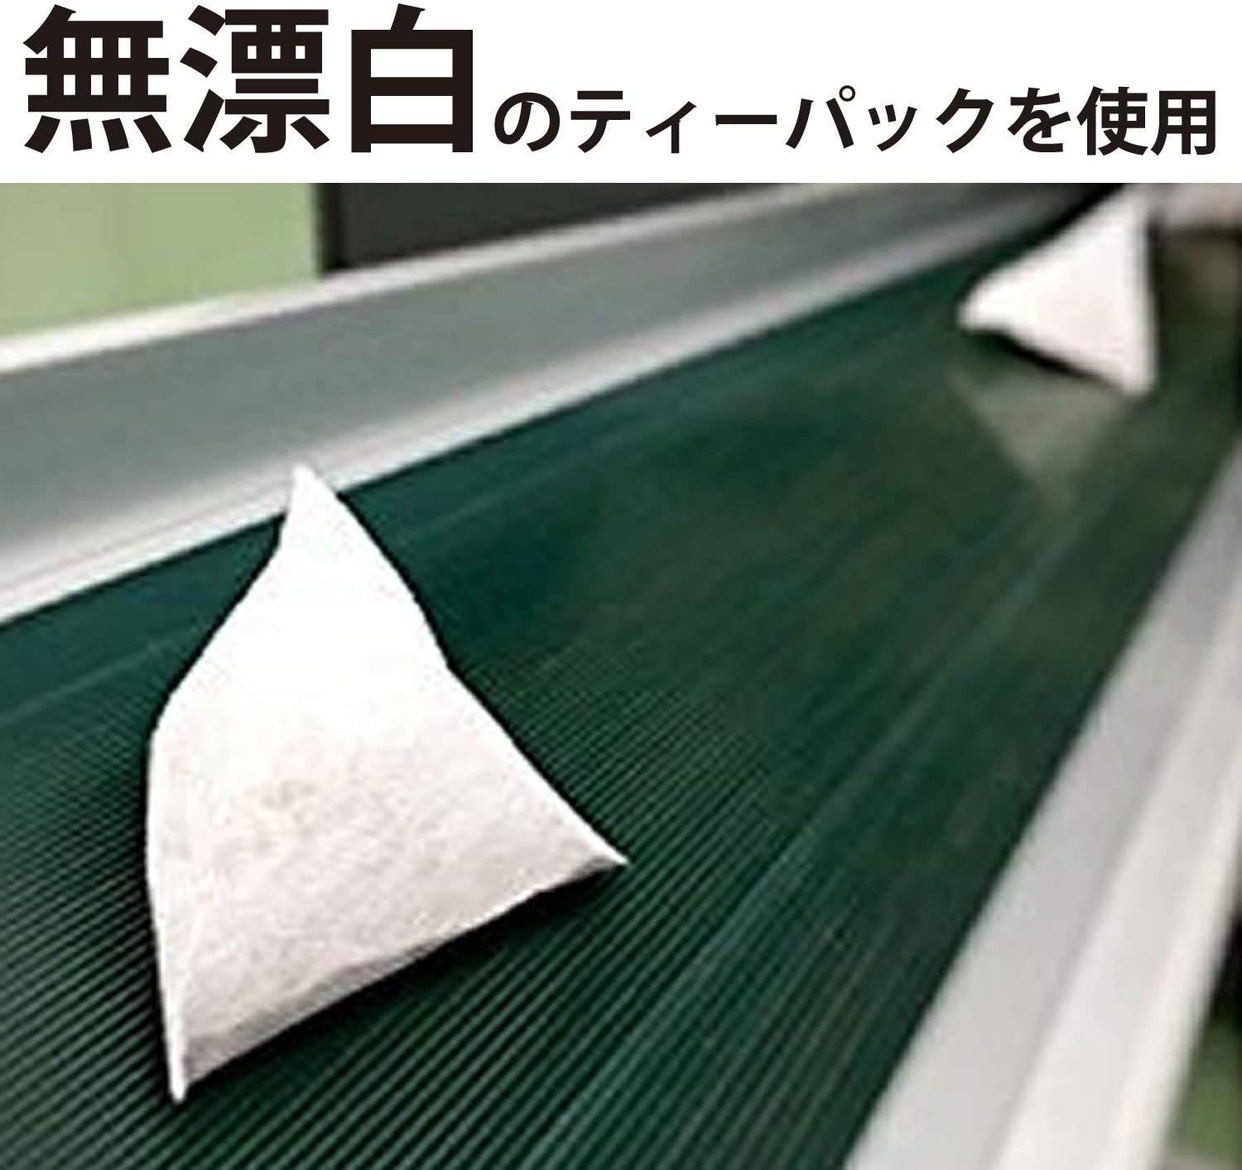 がばい農園 国産 赤なた豆茶の商品画像7